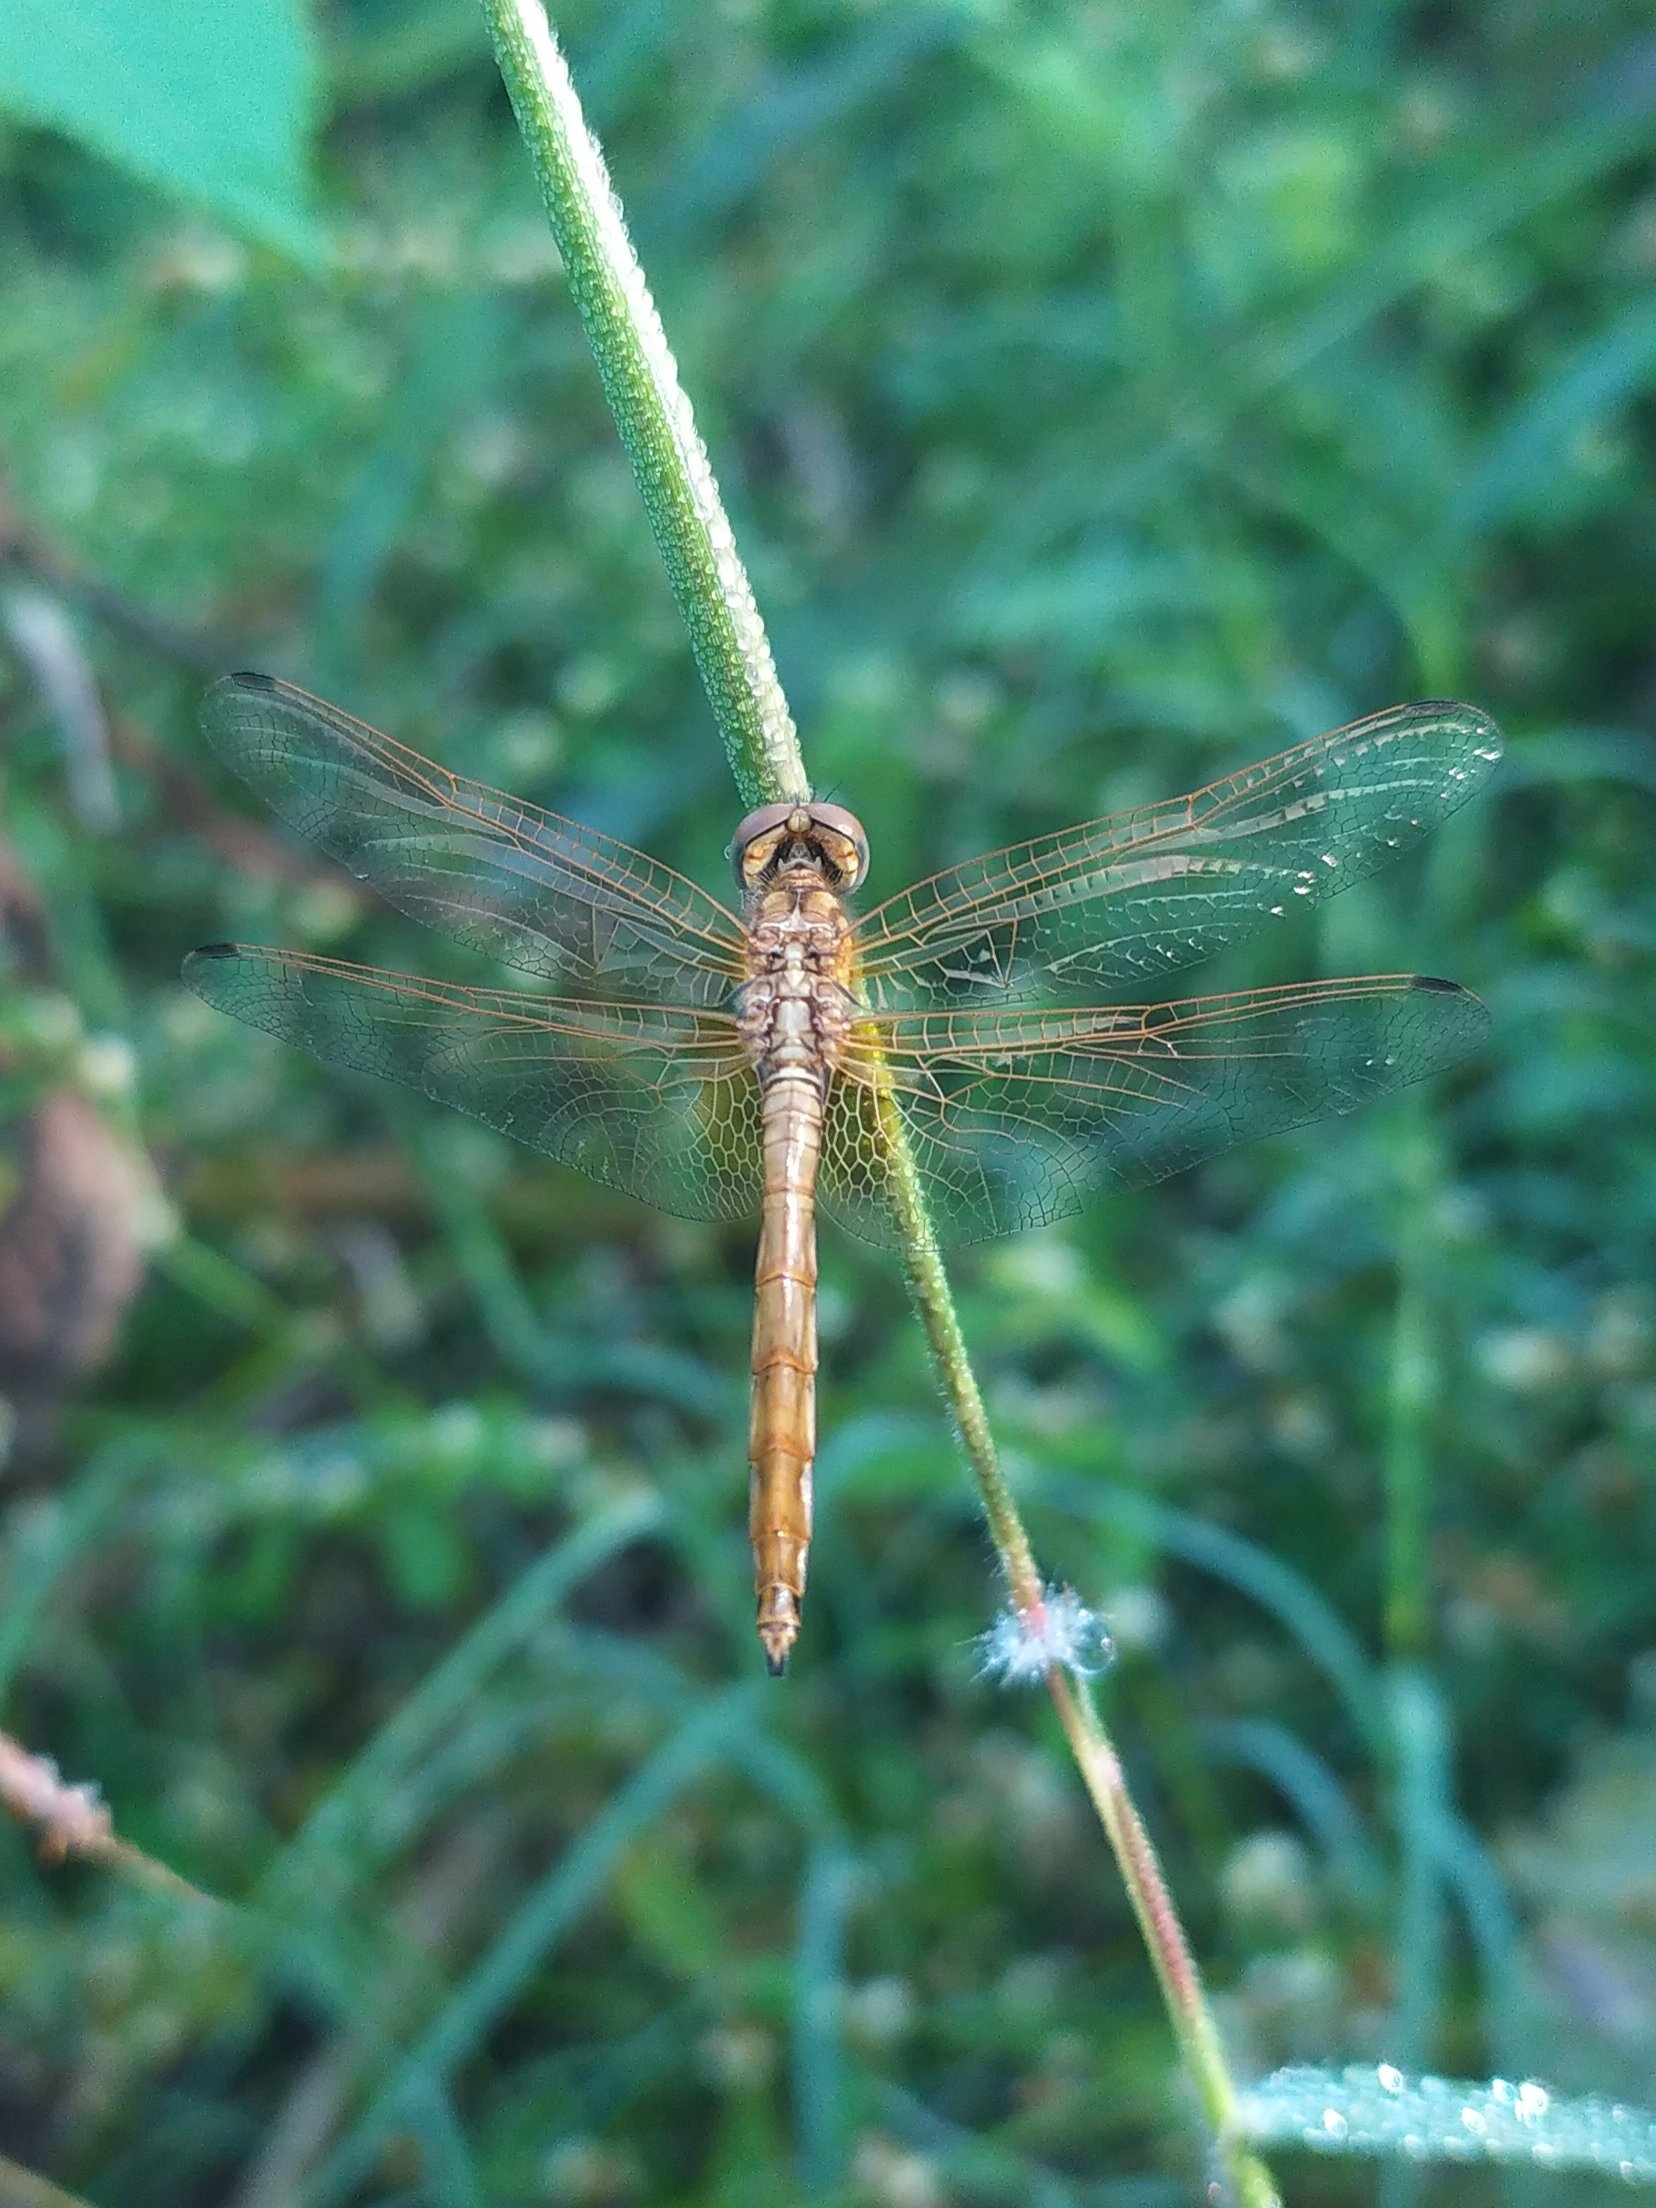 Dragonfly on plant stem